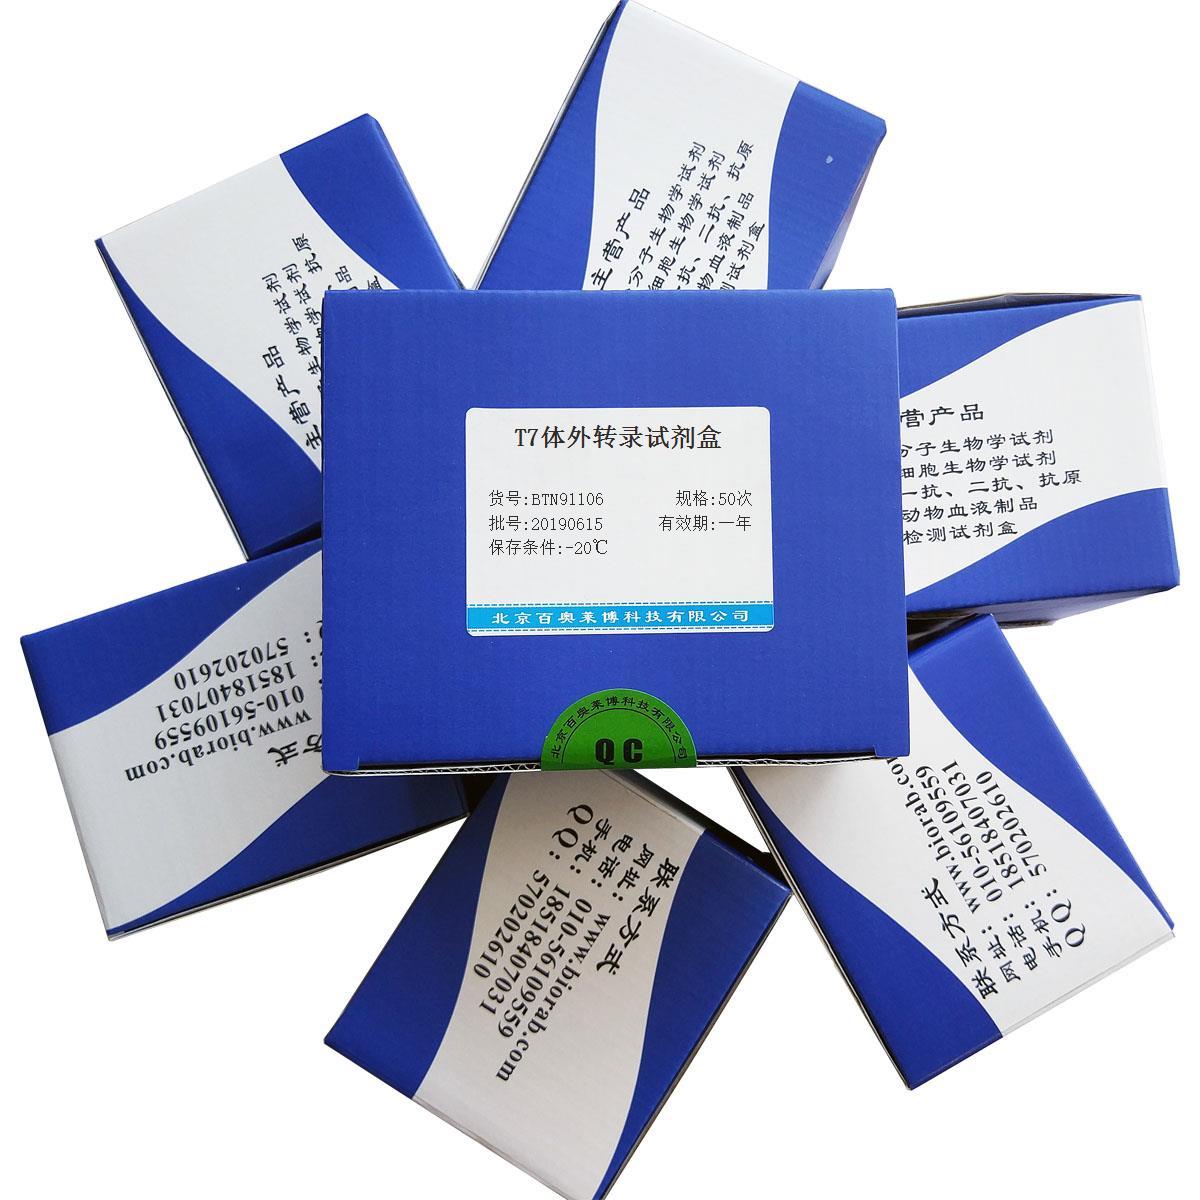 T7体外转录试剂盒北京供应商